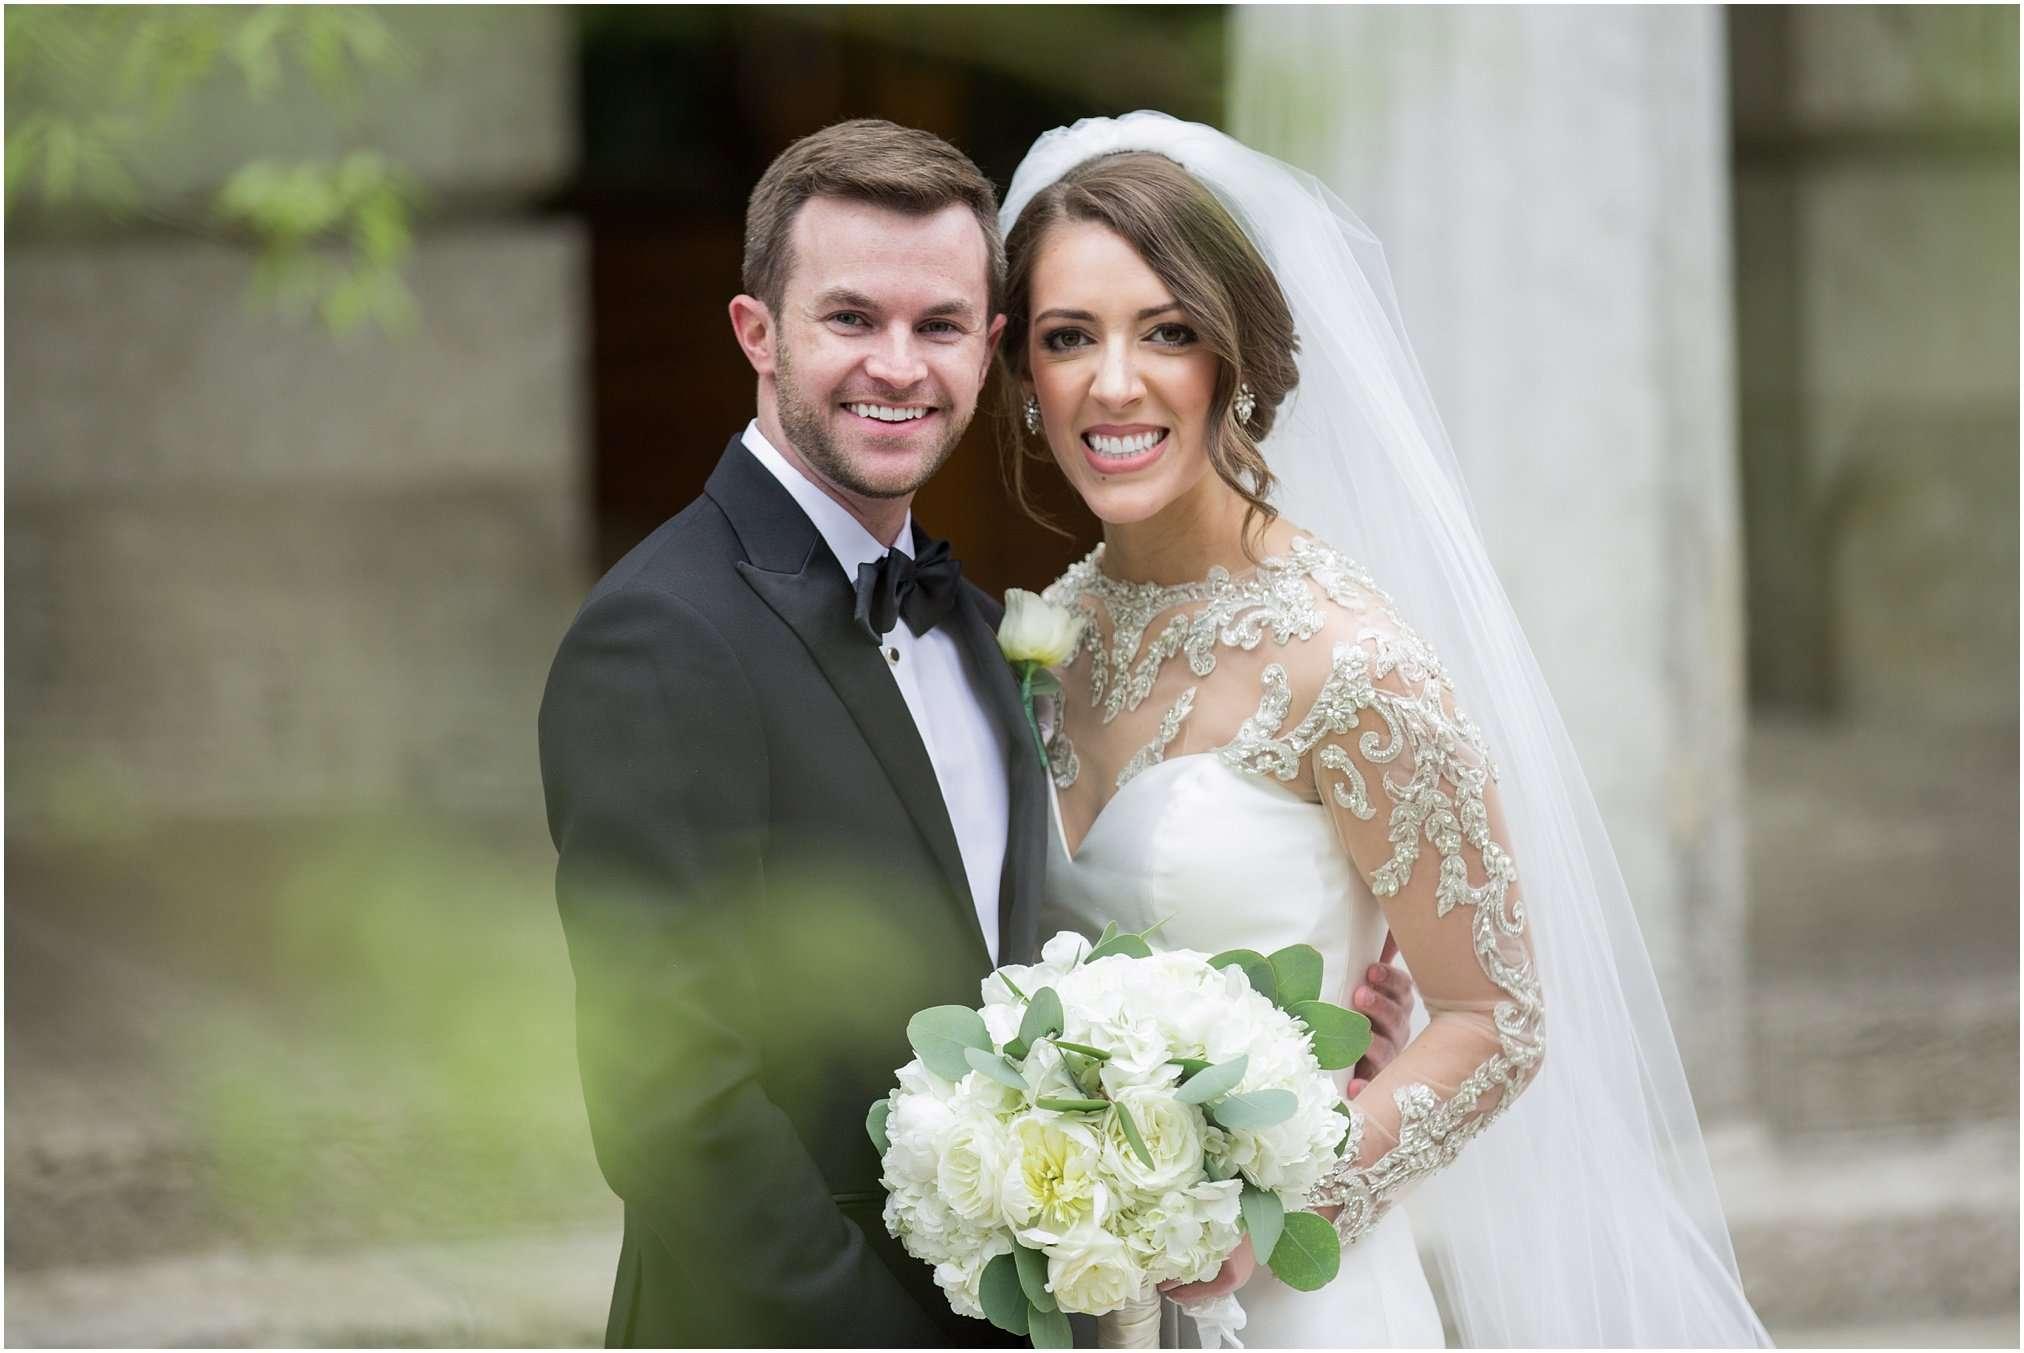 Spring Wedding at the Ohio Statehouse | Columbus Ohio Photography 34